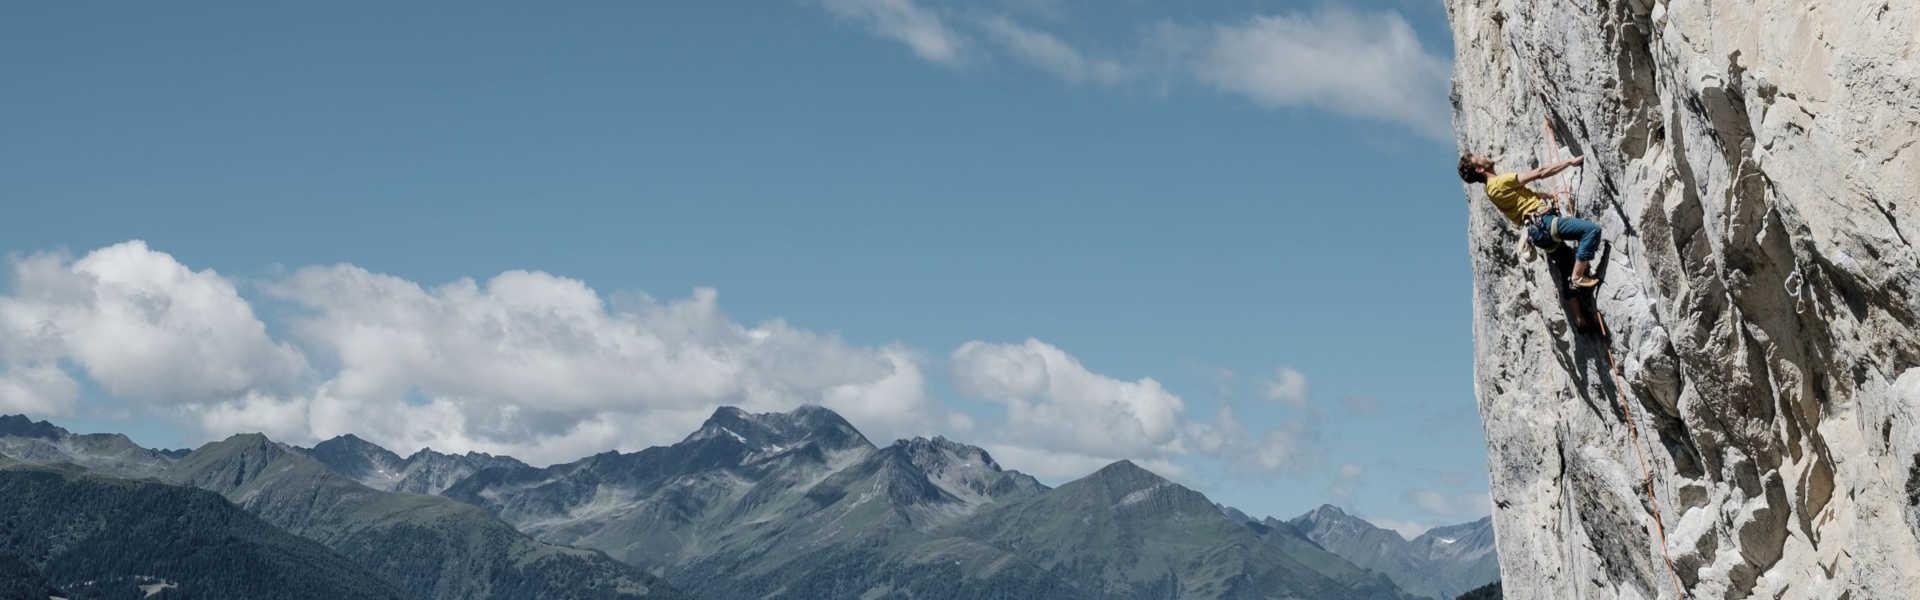 Freizeit - Sommerfreizeit - Klettern - Headerbild